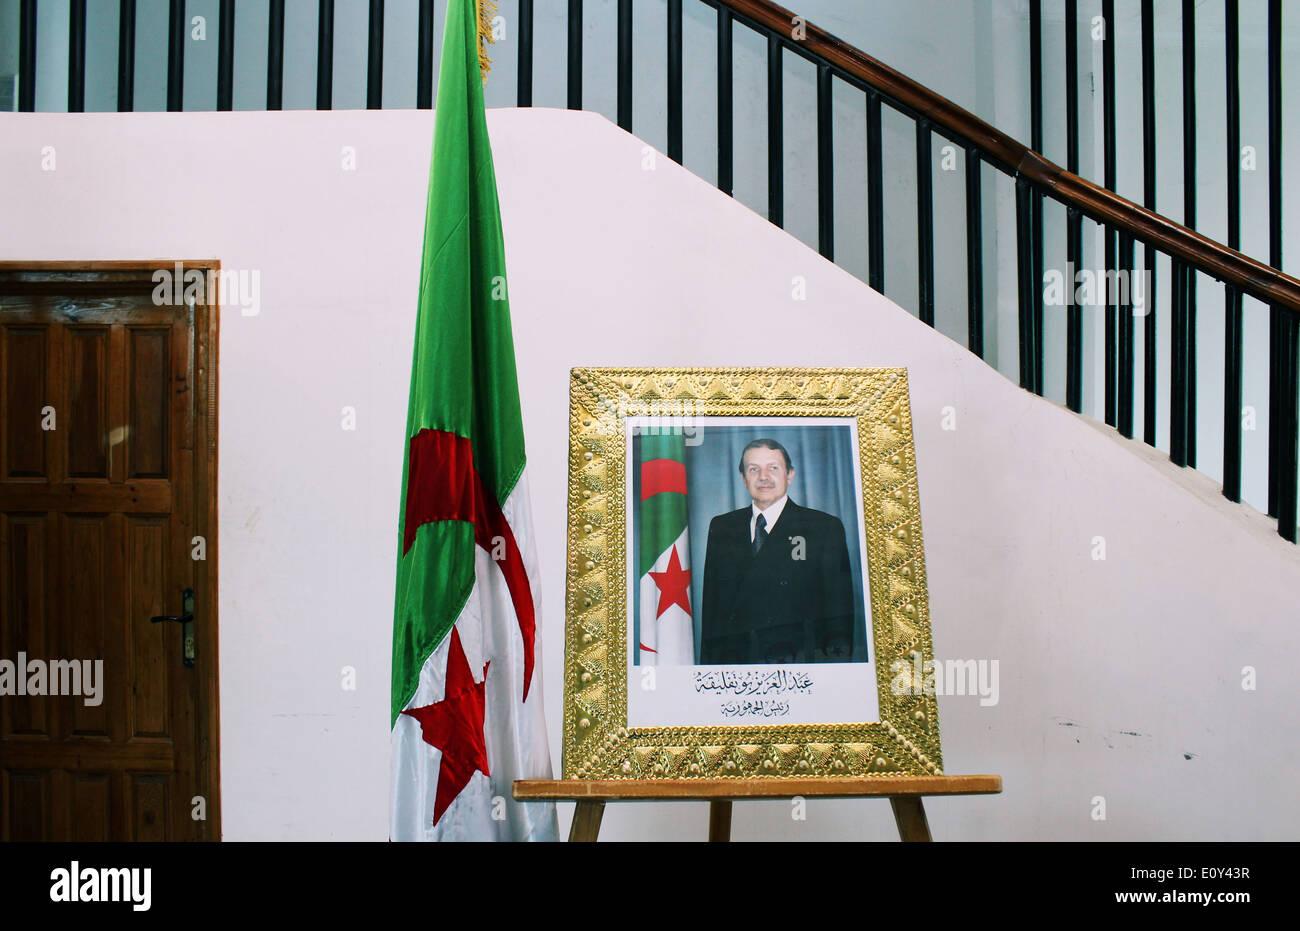 Portrait du président algérien à M'sila, Algérie. Photo Stock